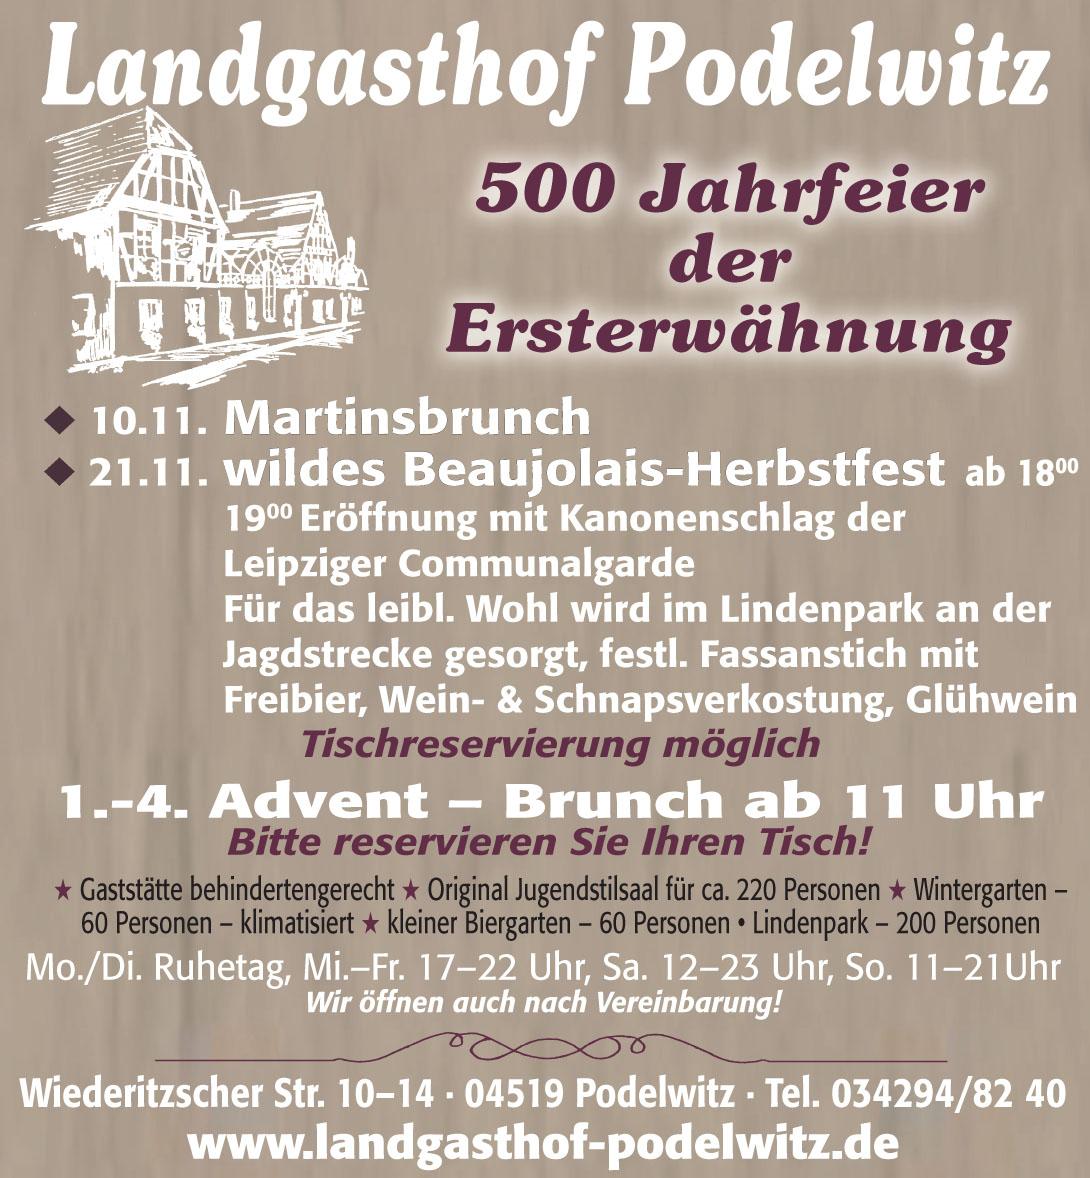 Landgasthof Podelwitz